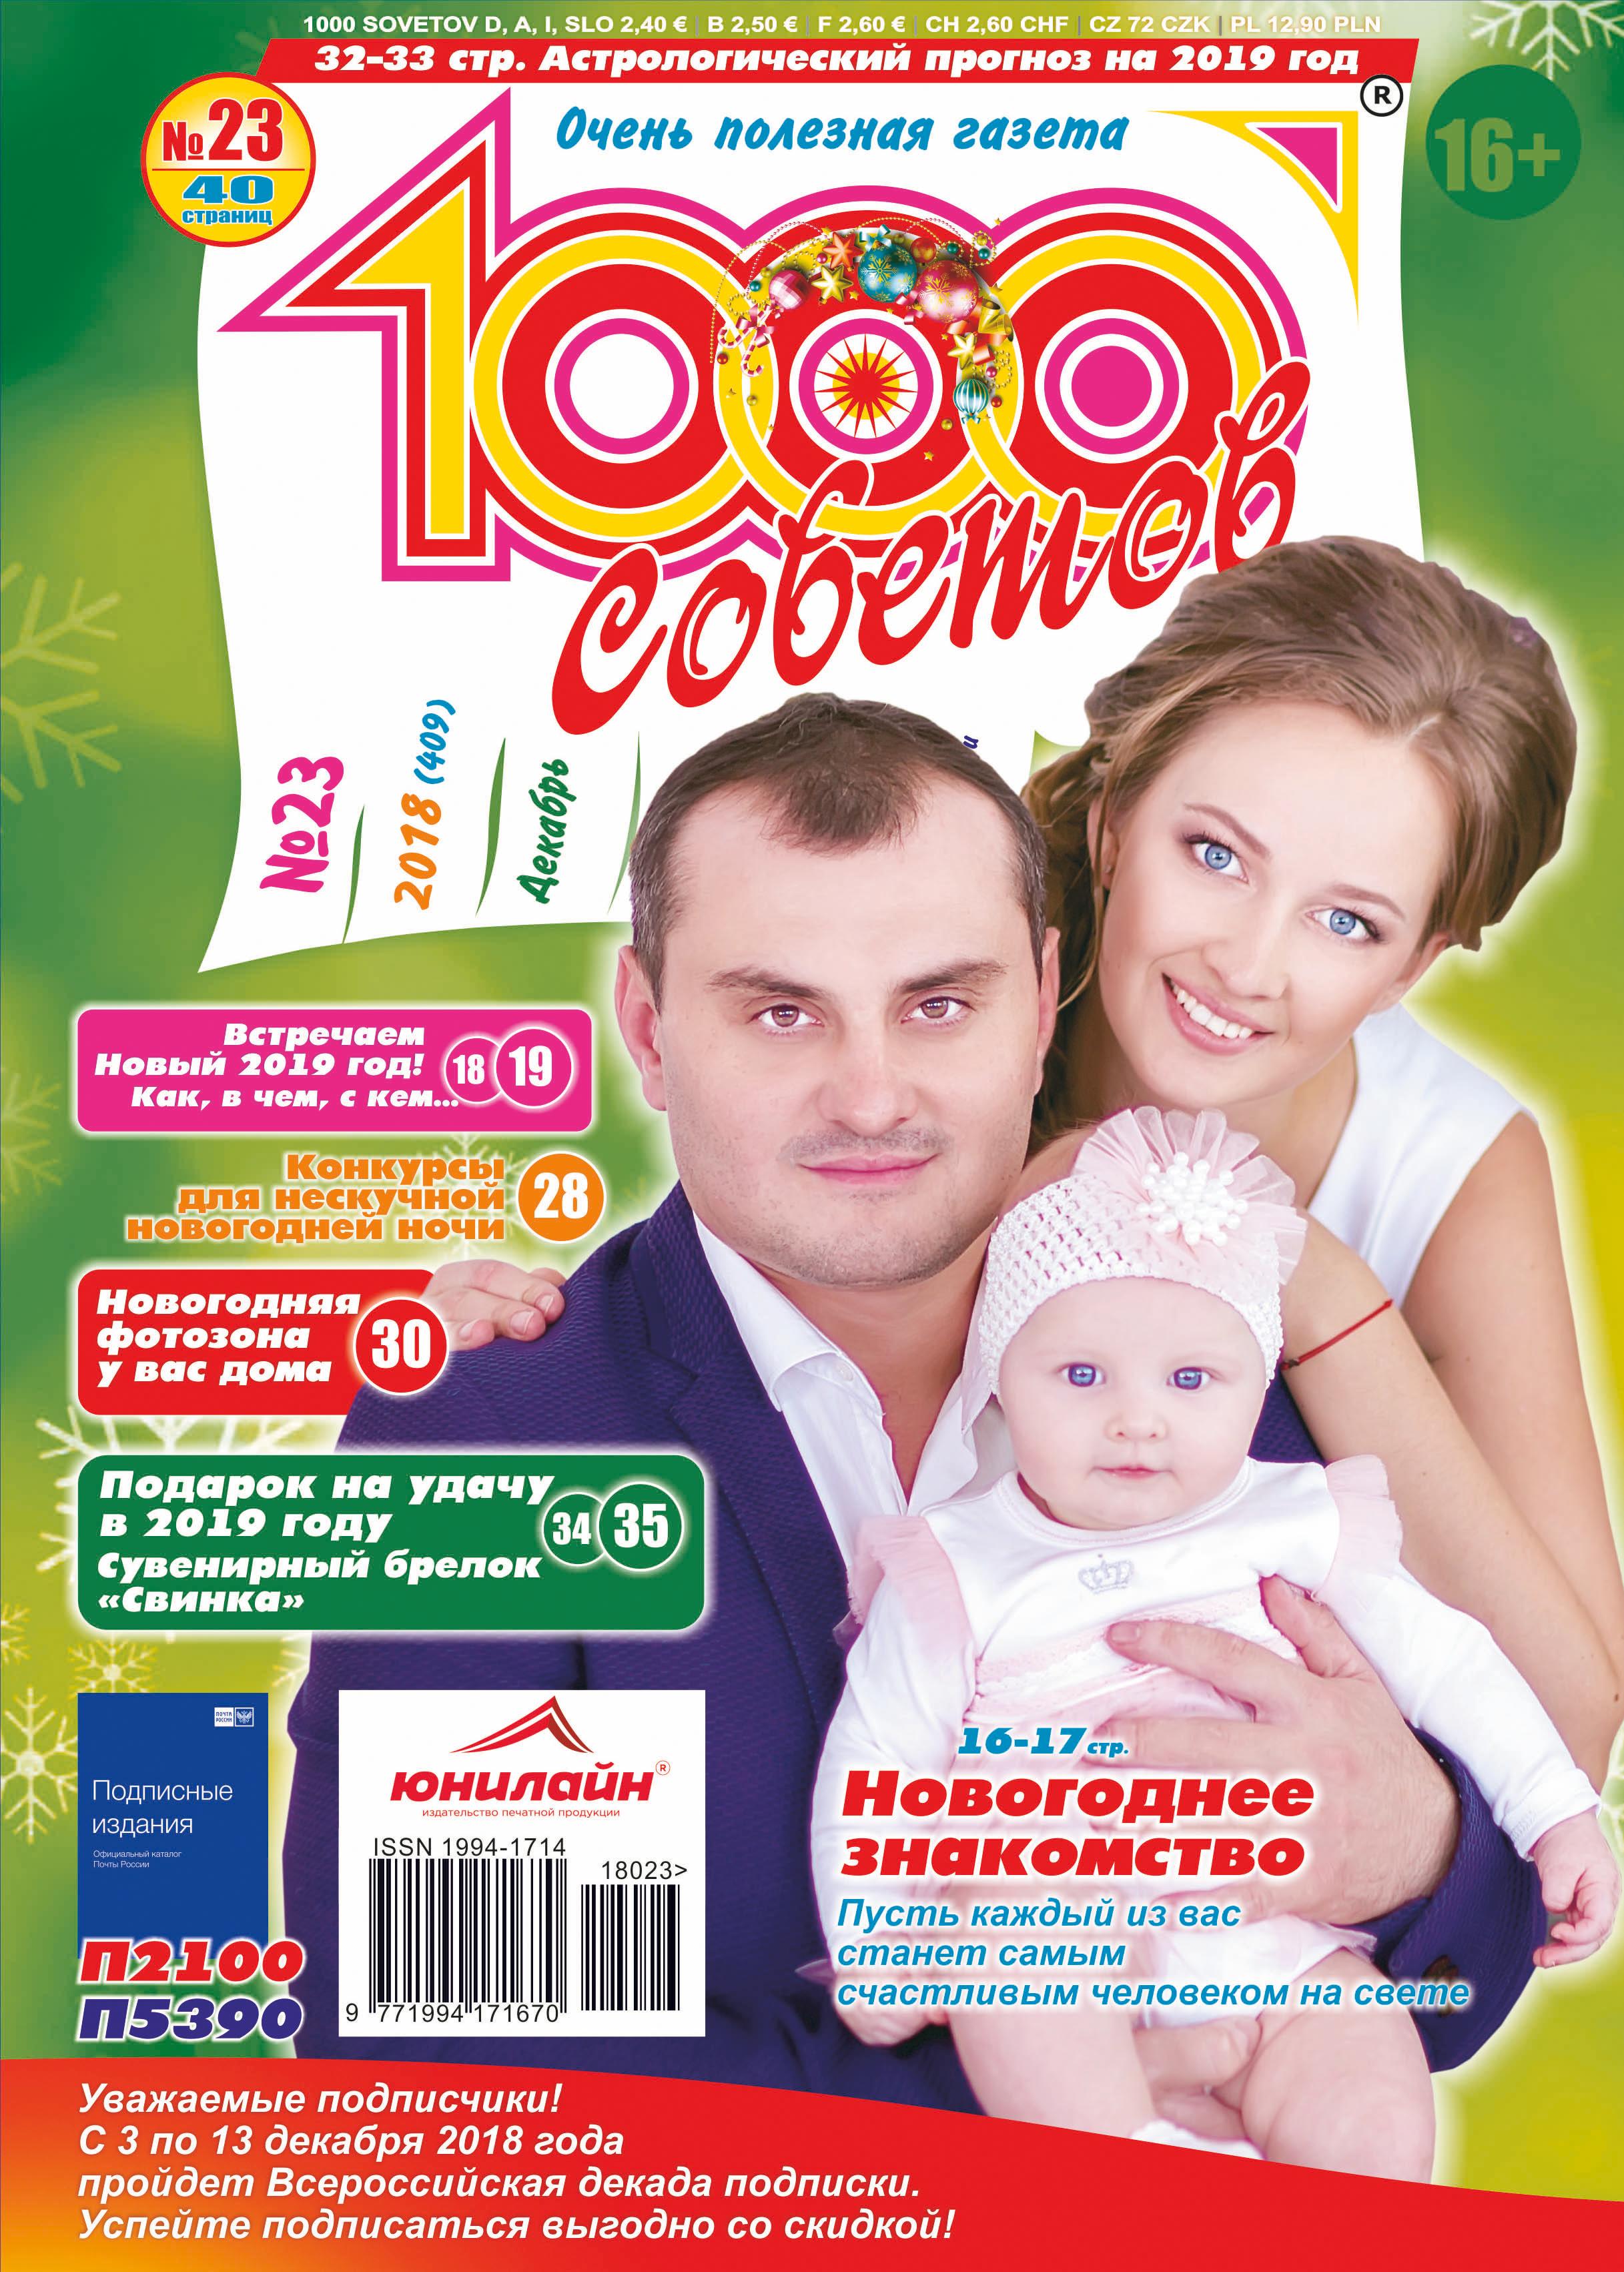 1000 СОВЕТОВ №23 2018